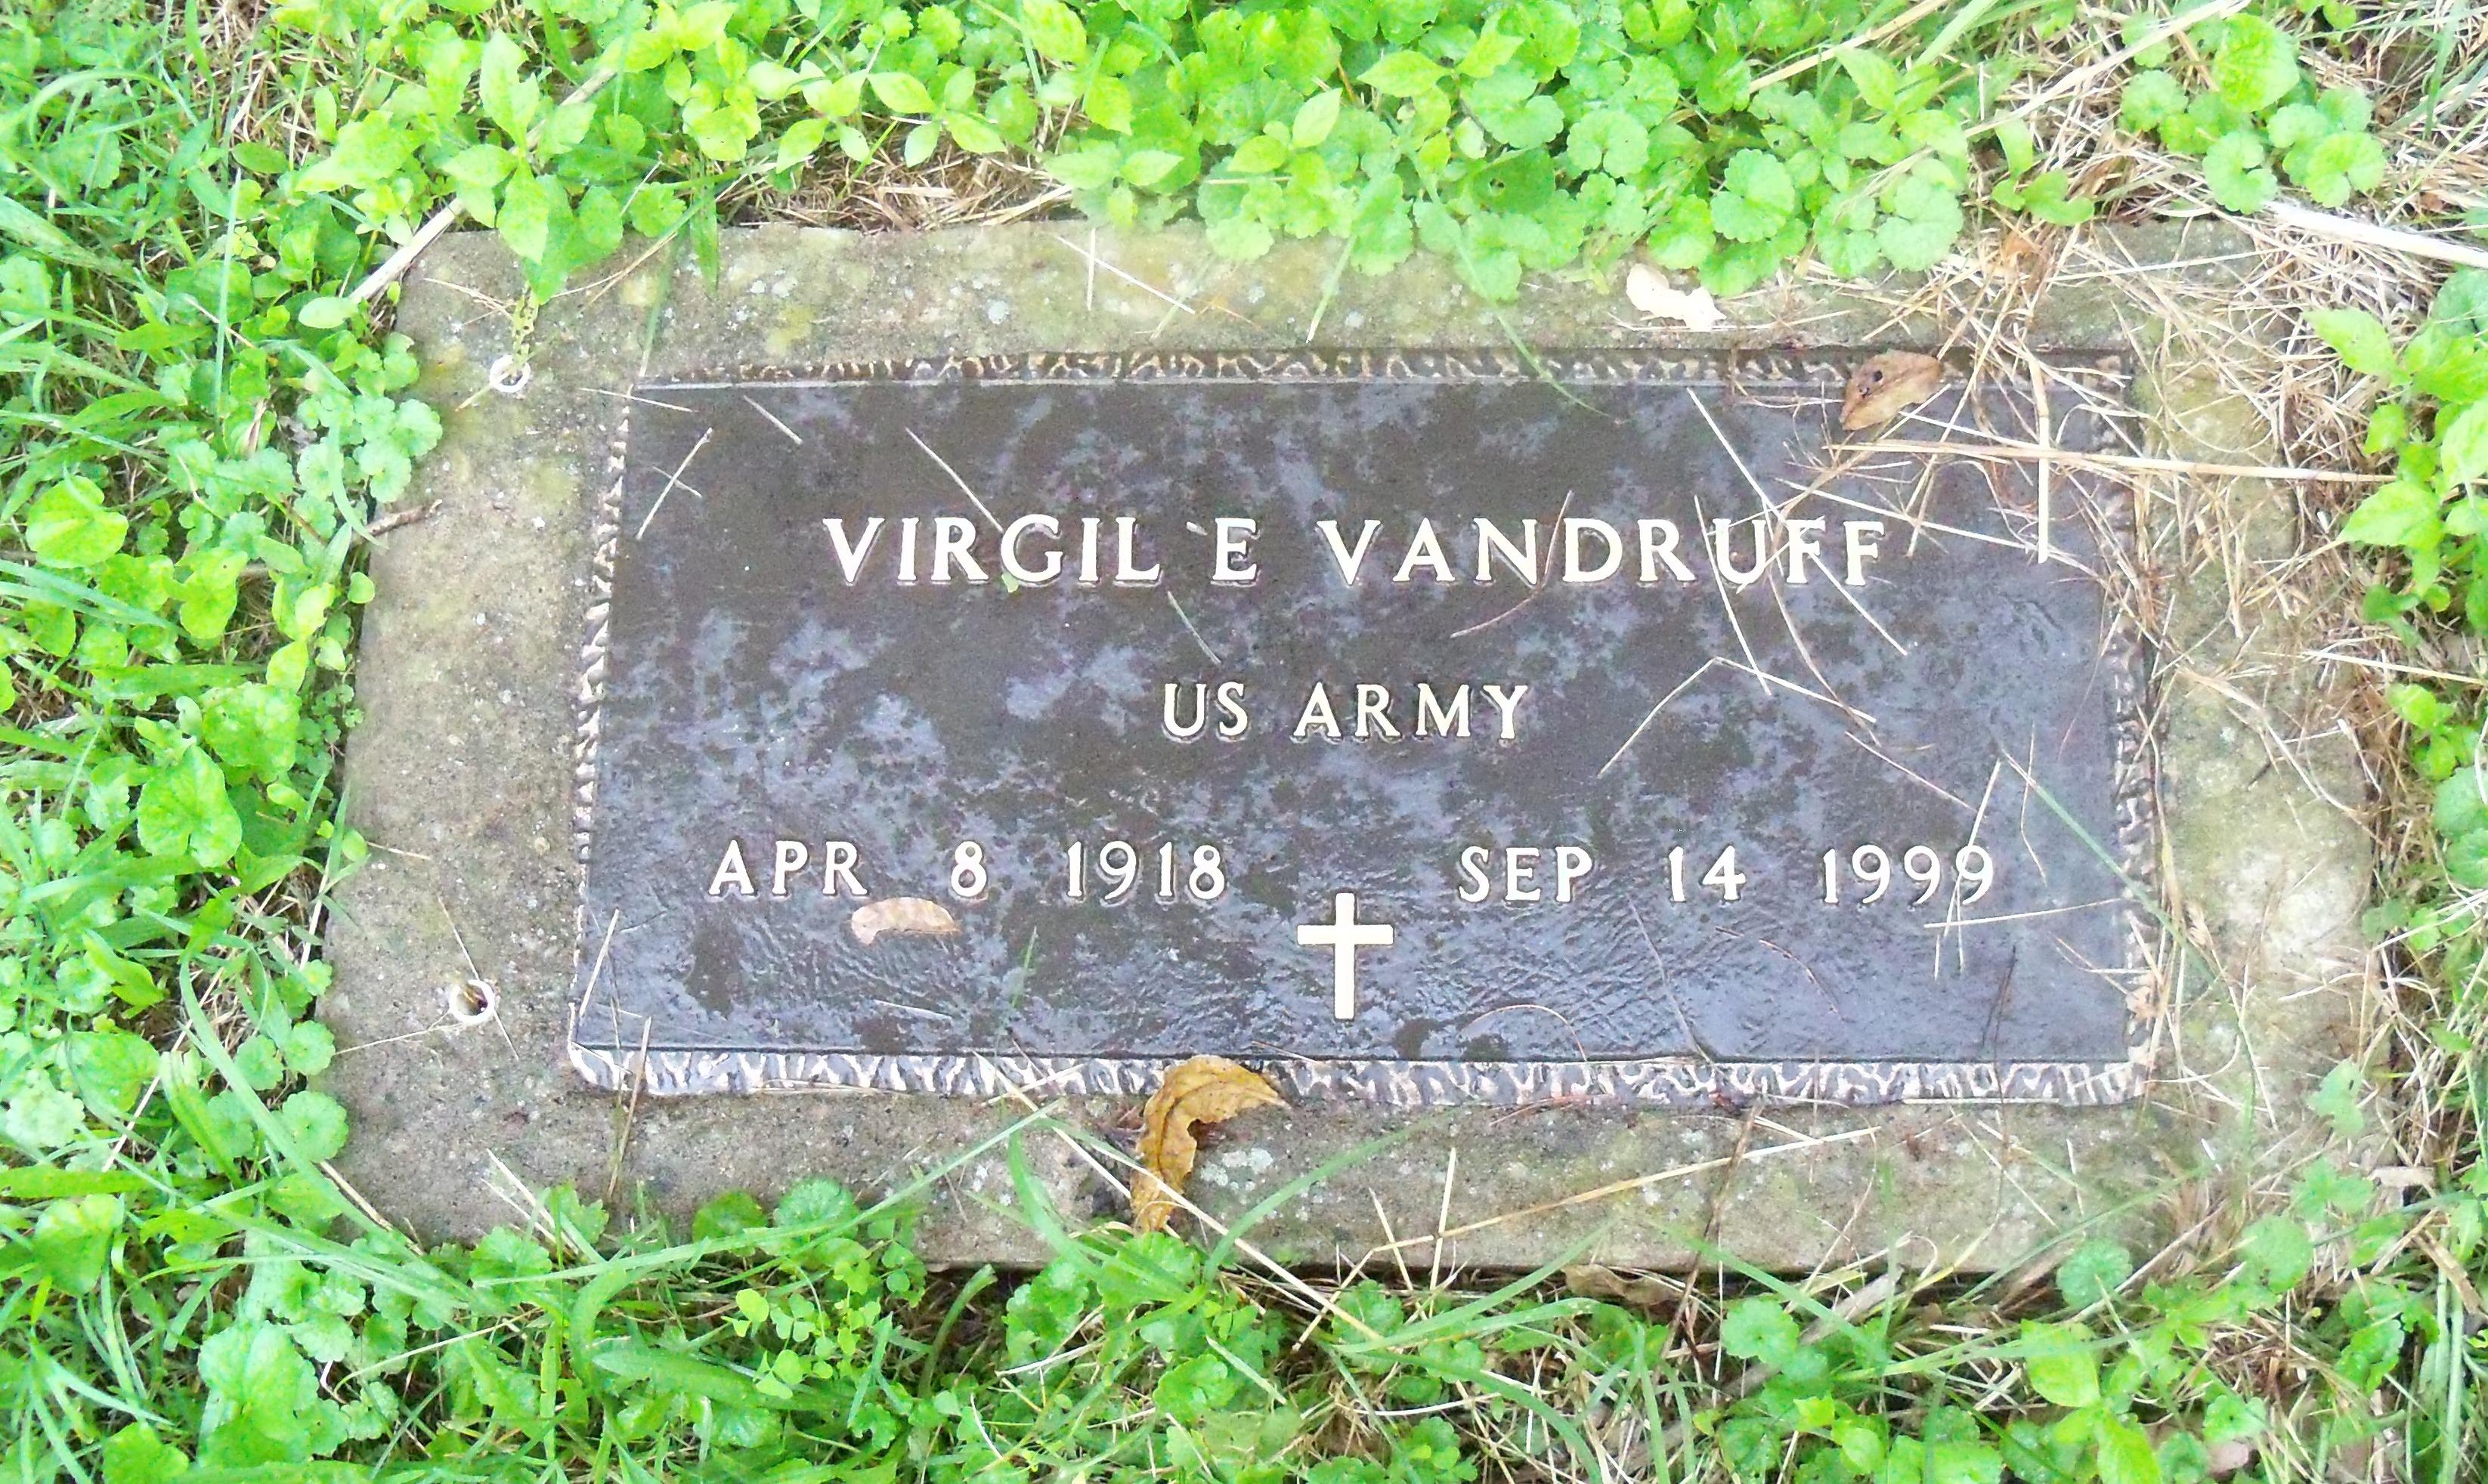 Virgil E. Vandruff